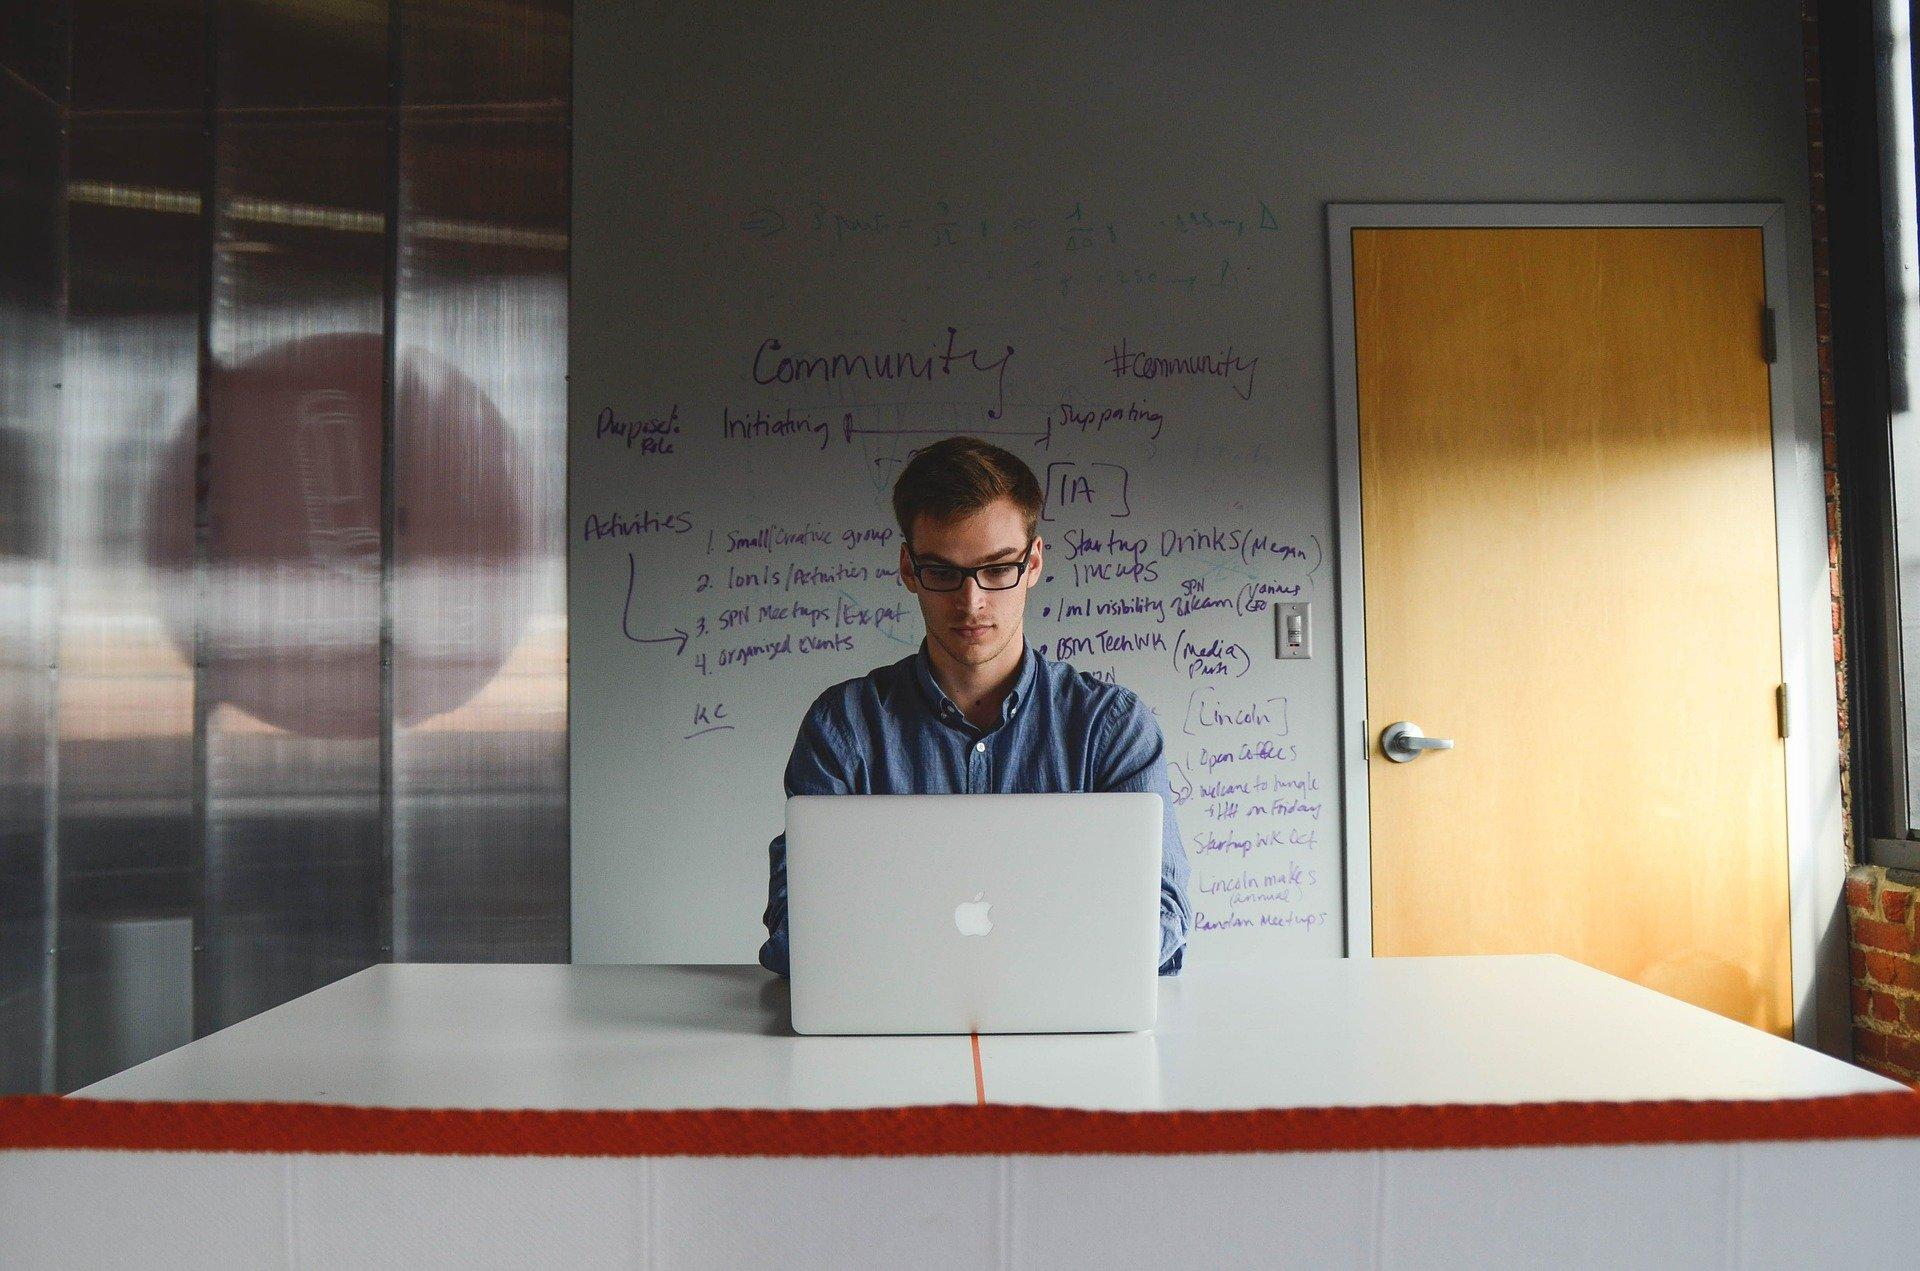 Mentorat de la antreprenori celebri pentru tinerii care încep propriul business